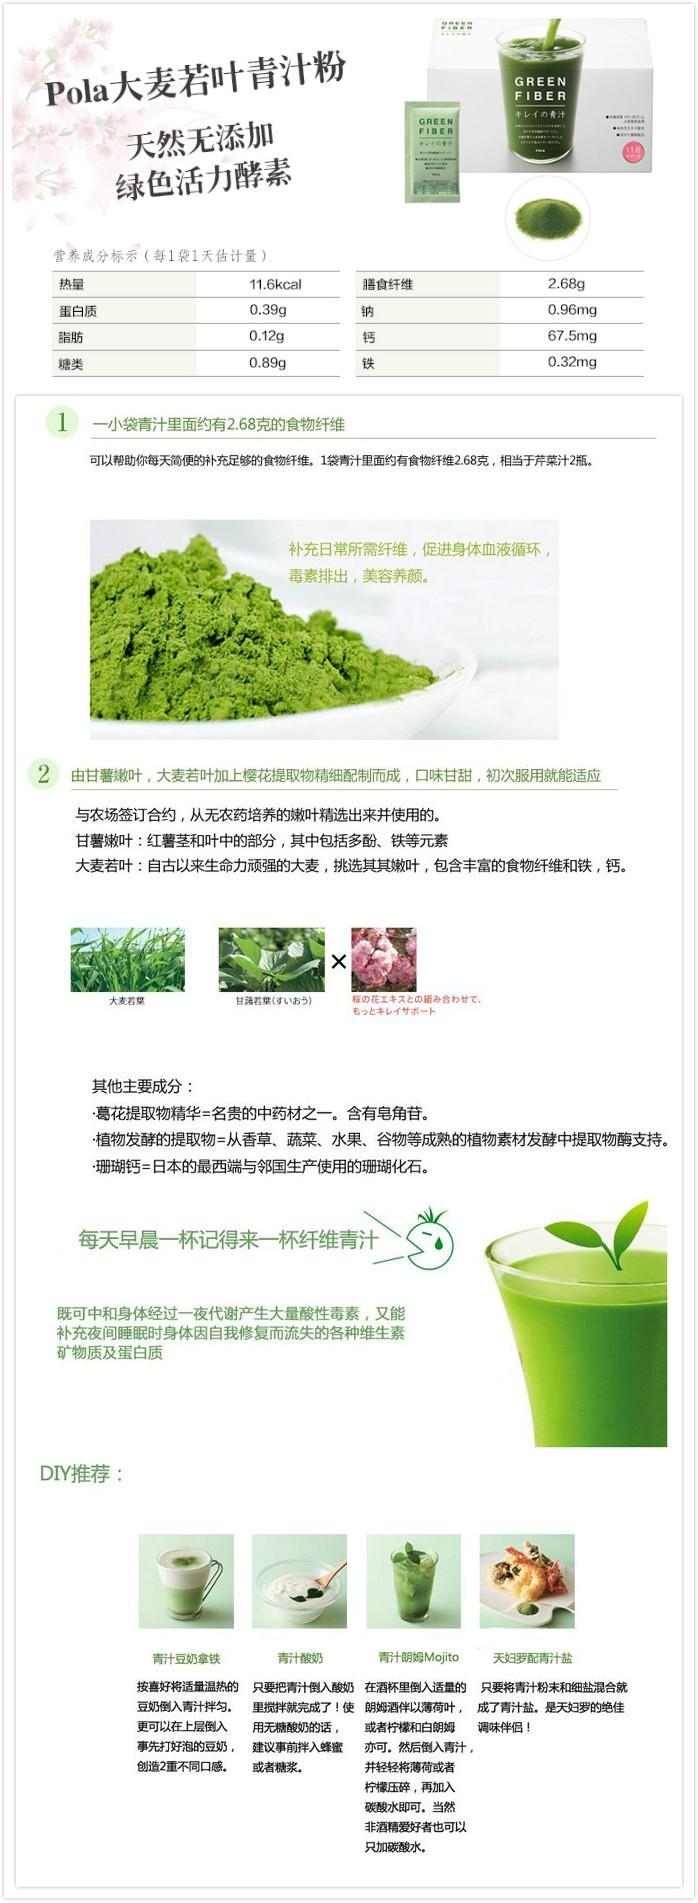 Image result for Pola Green Fiber